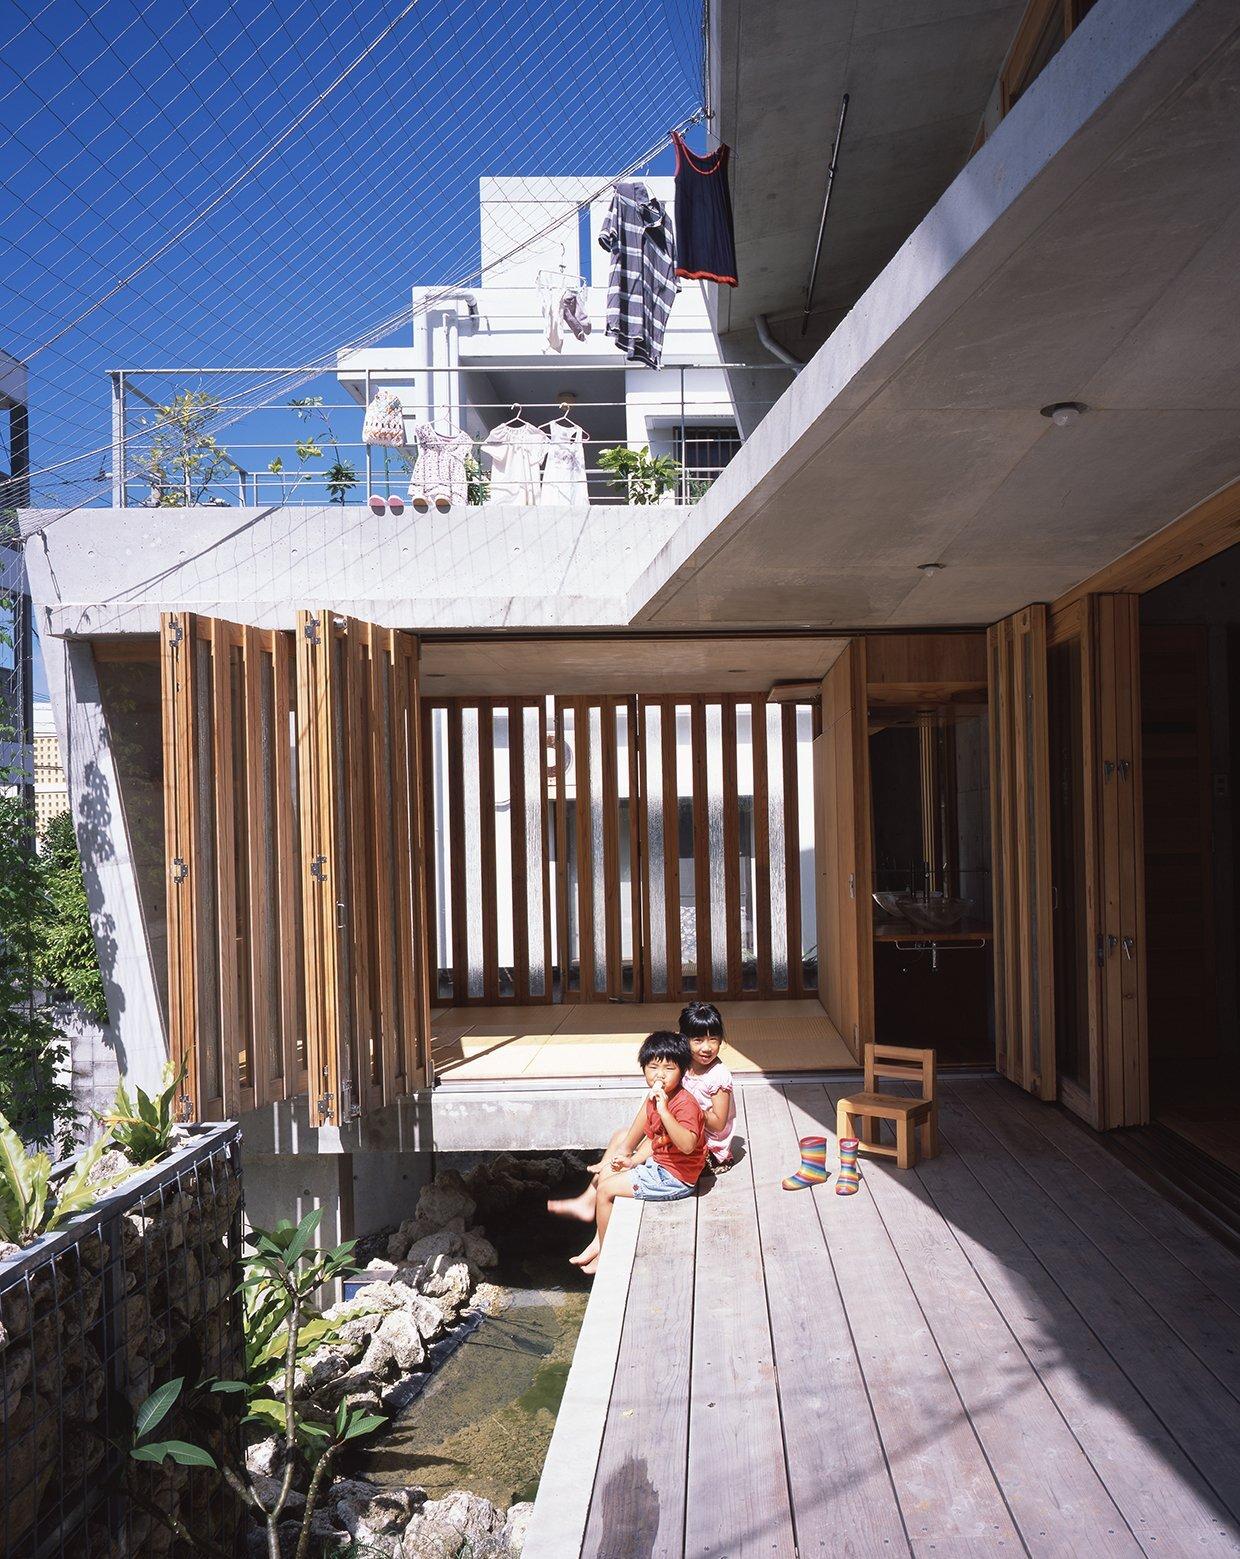 Ma of wind small japanese house ryuichi ashizawa architect associates japan